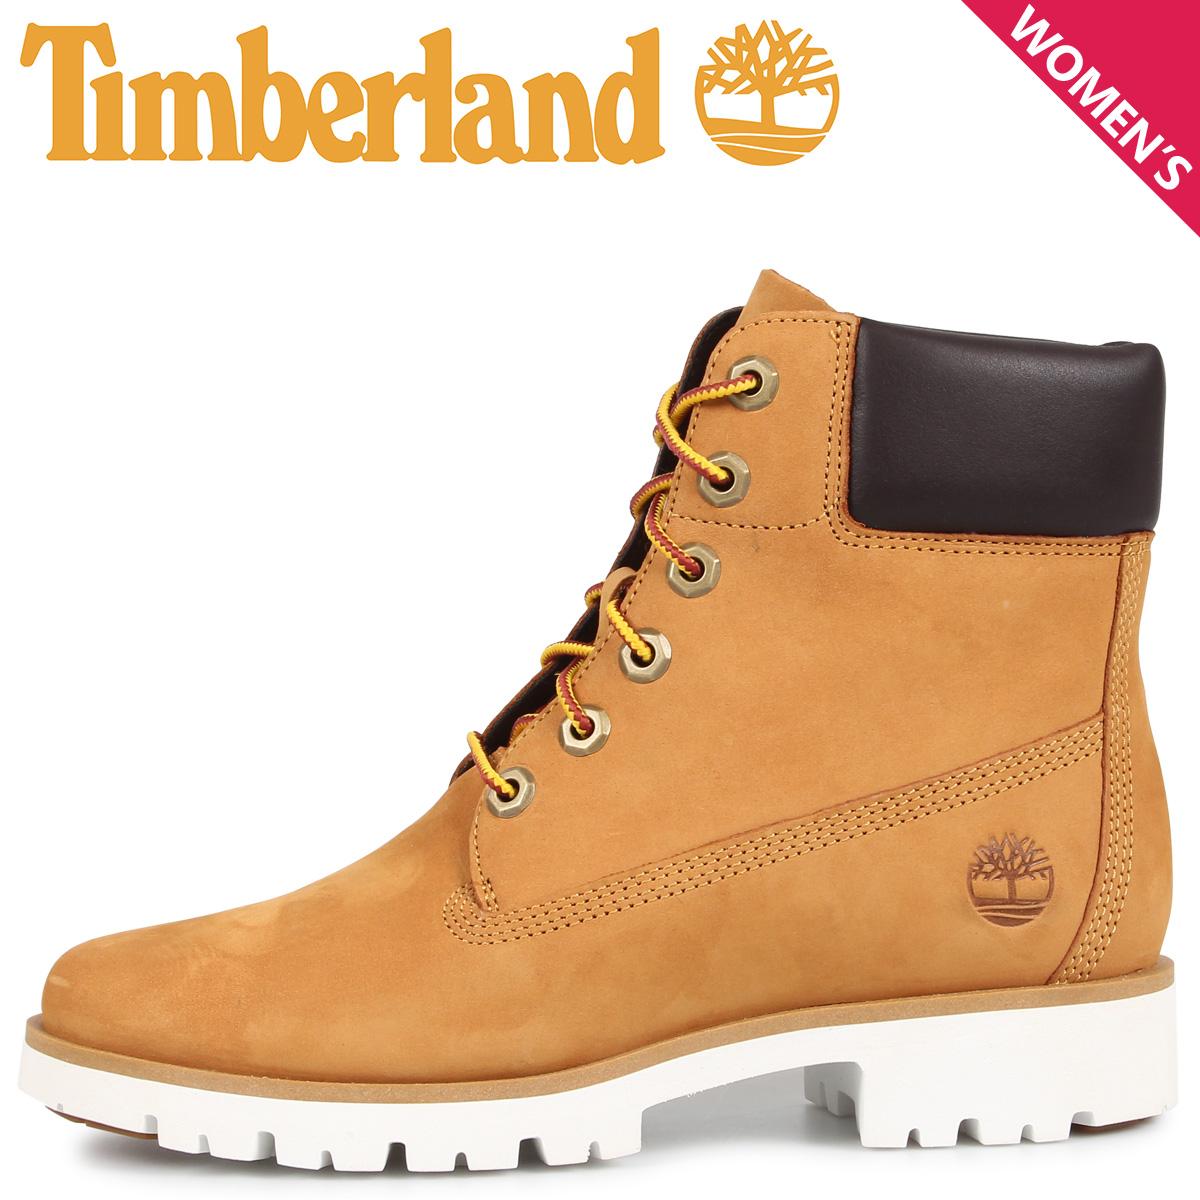 Timberland ティンバーランド ブーツ レディース 6インチ クラシック ライト WOMENS CLASSIC LIGHT 6INCH BOOTS ウィート A1VXN